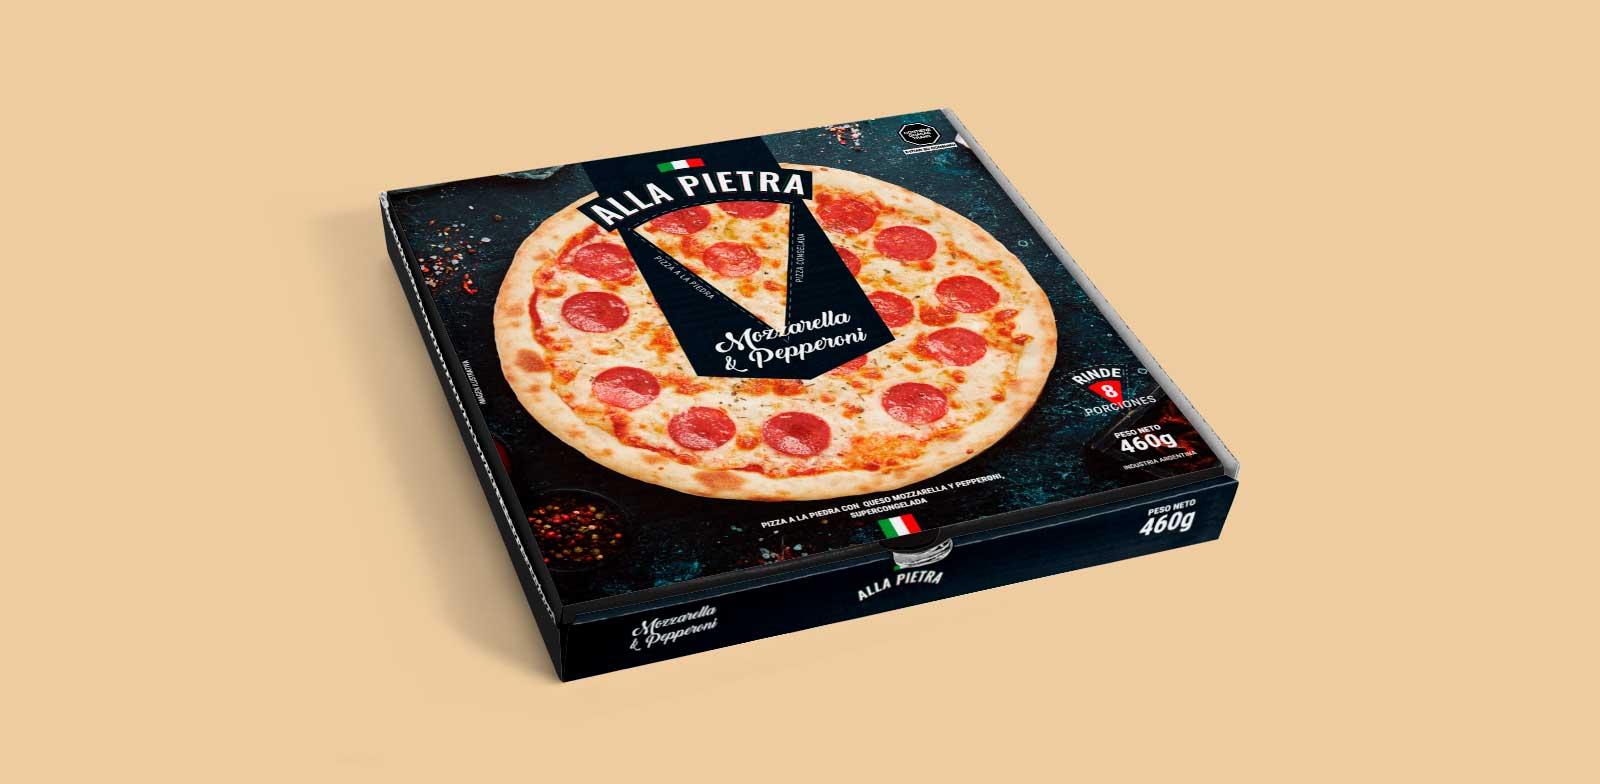 pizza-alla-pietra